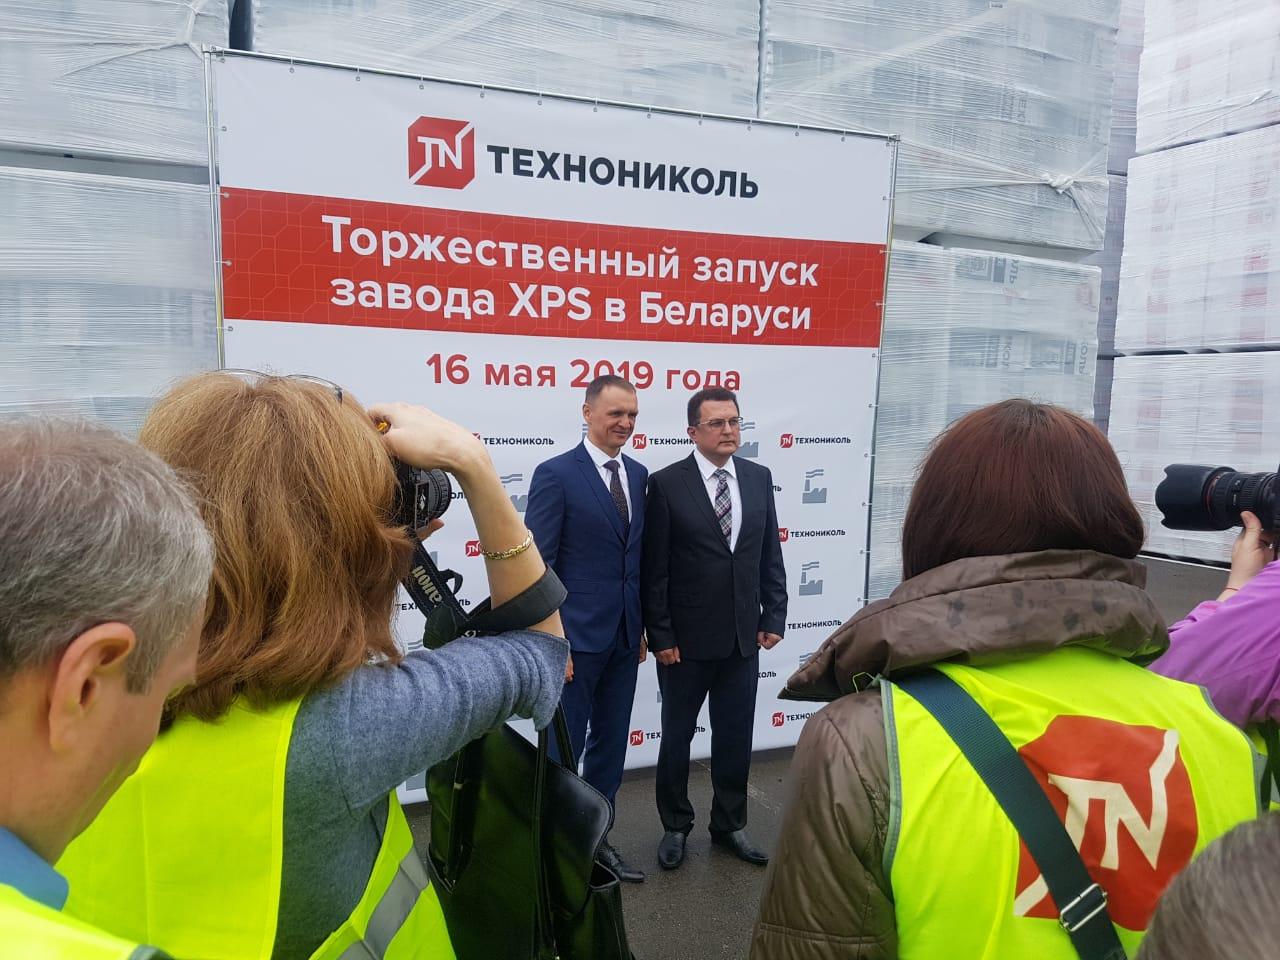 Открытие завода XPS ТЕХНОНИКОЛЬ